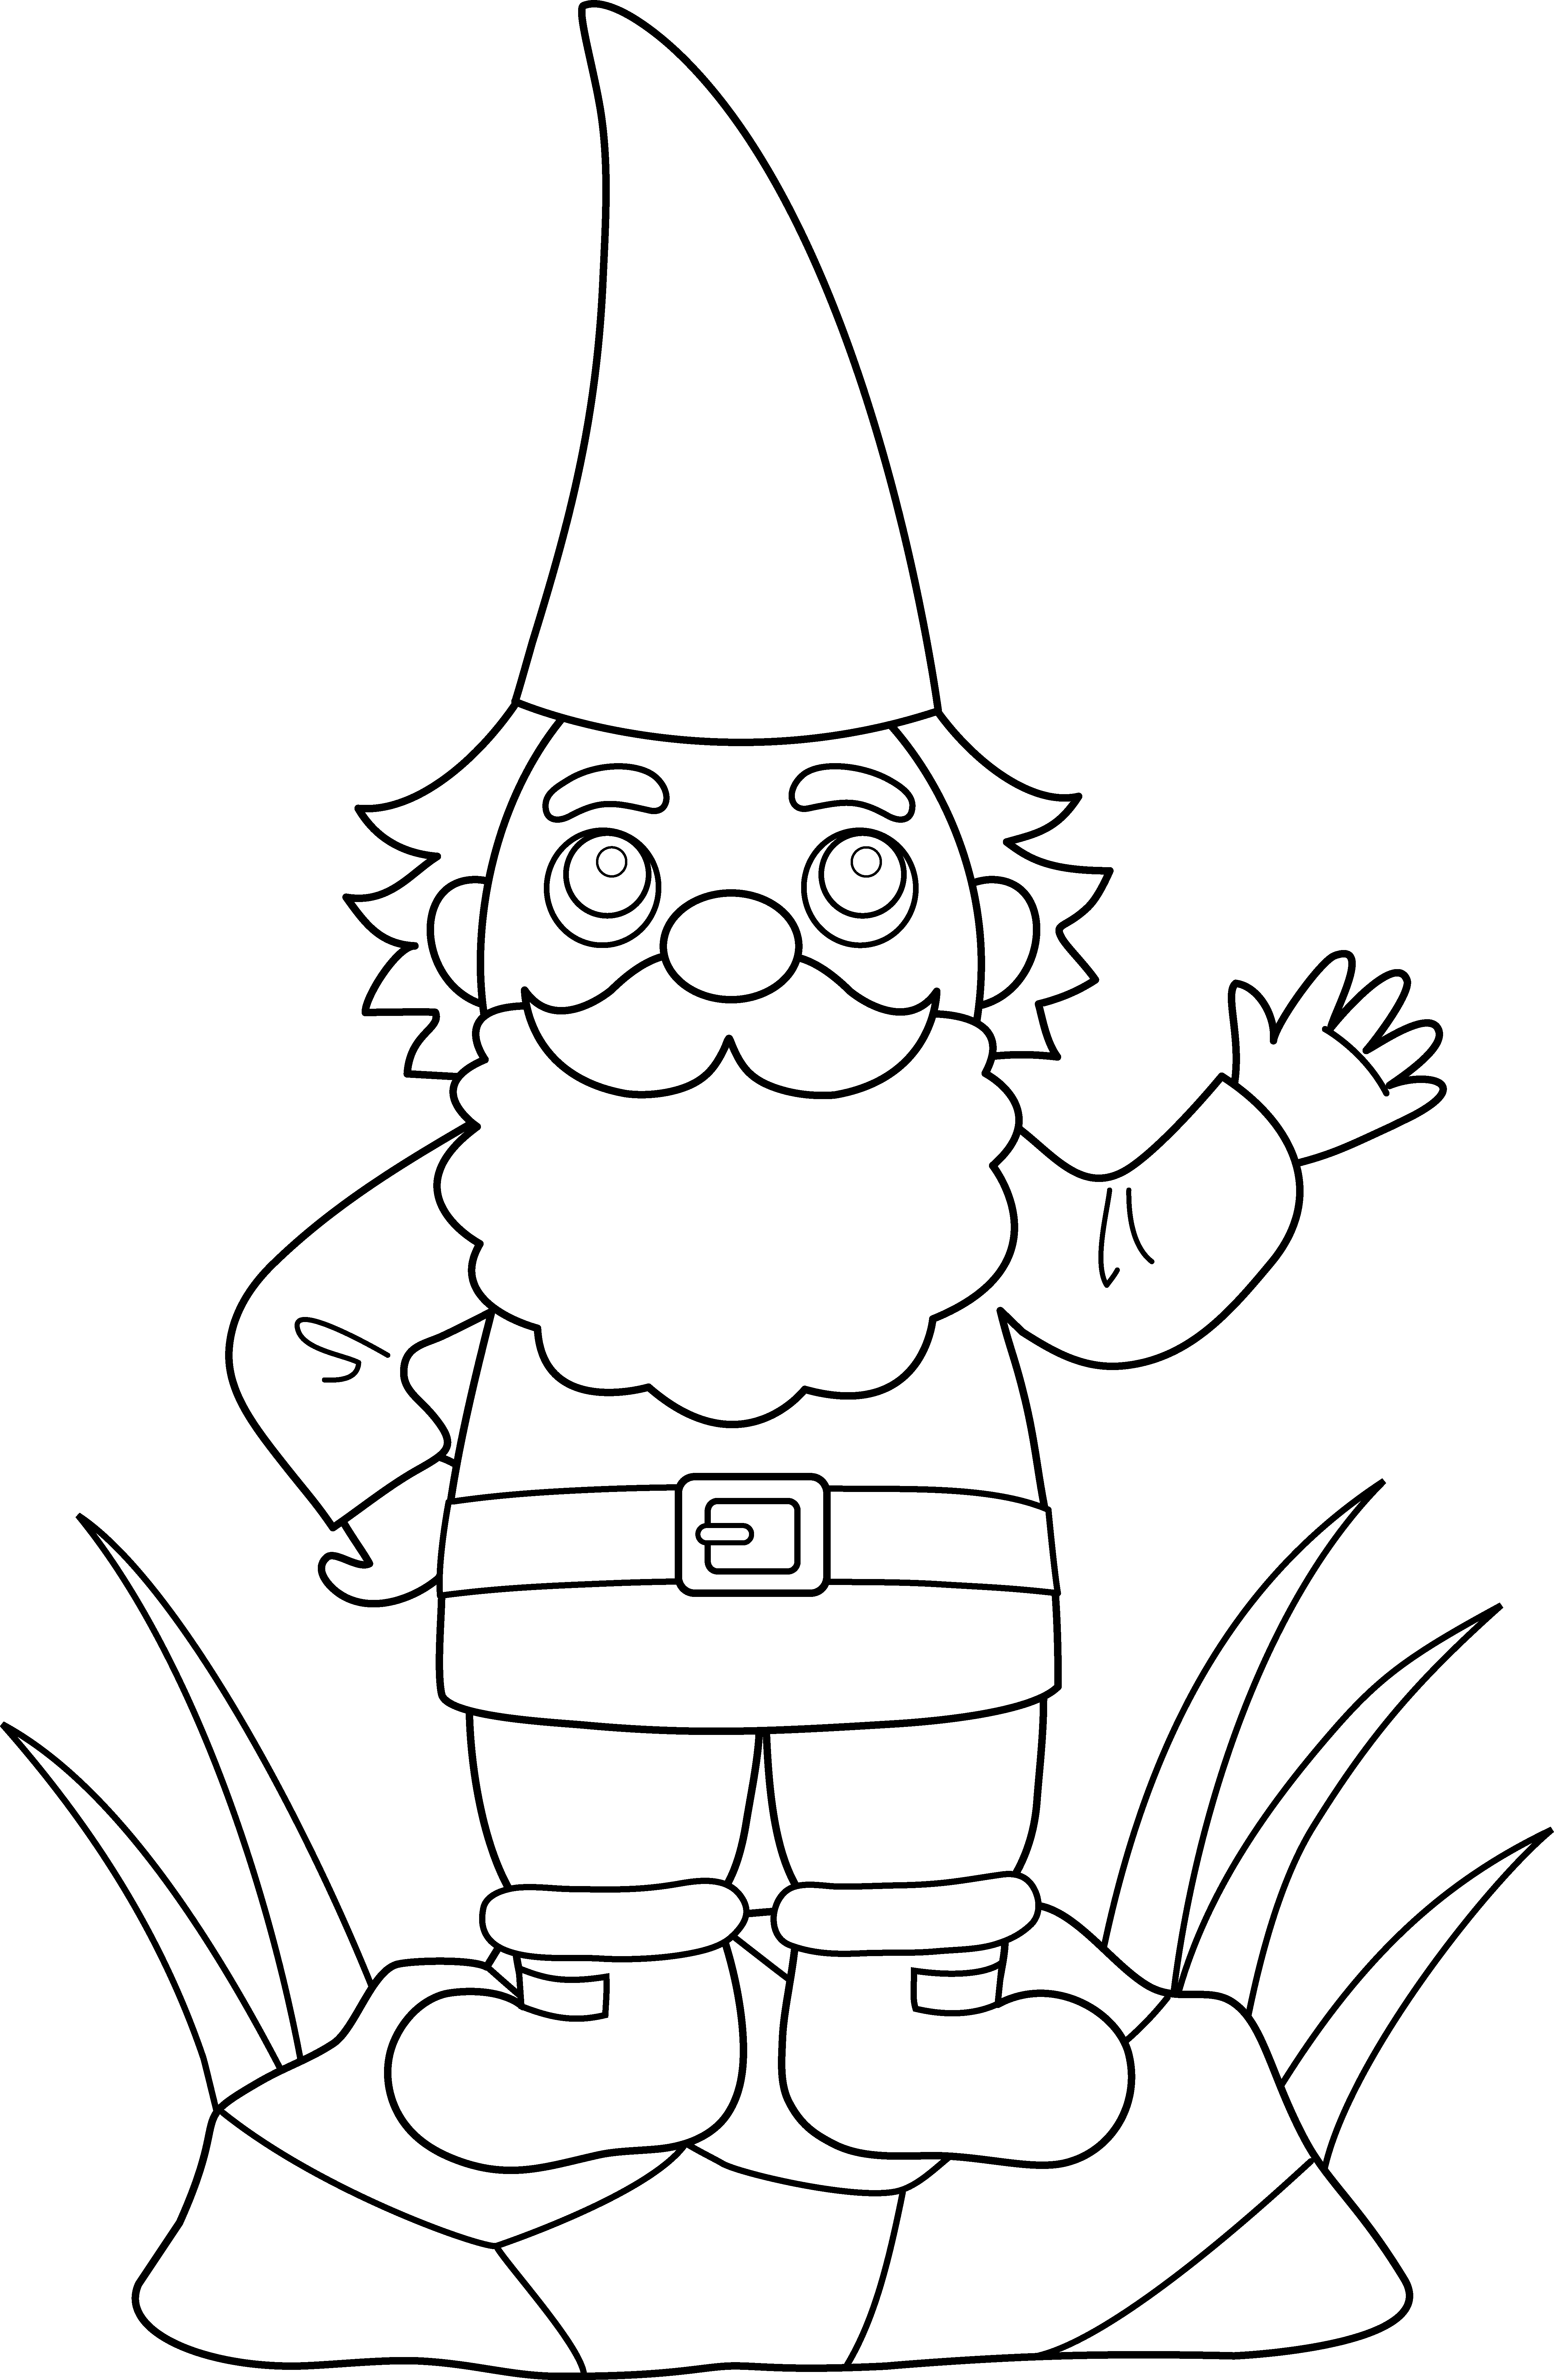 Gnome clipart color. Colorable garden free clip